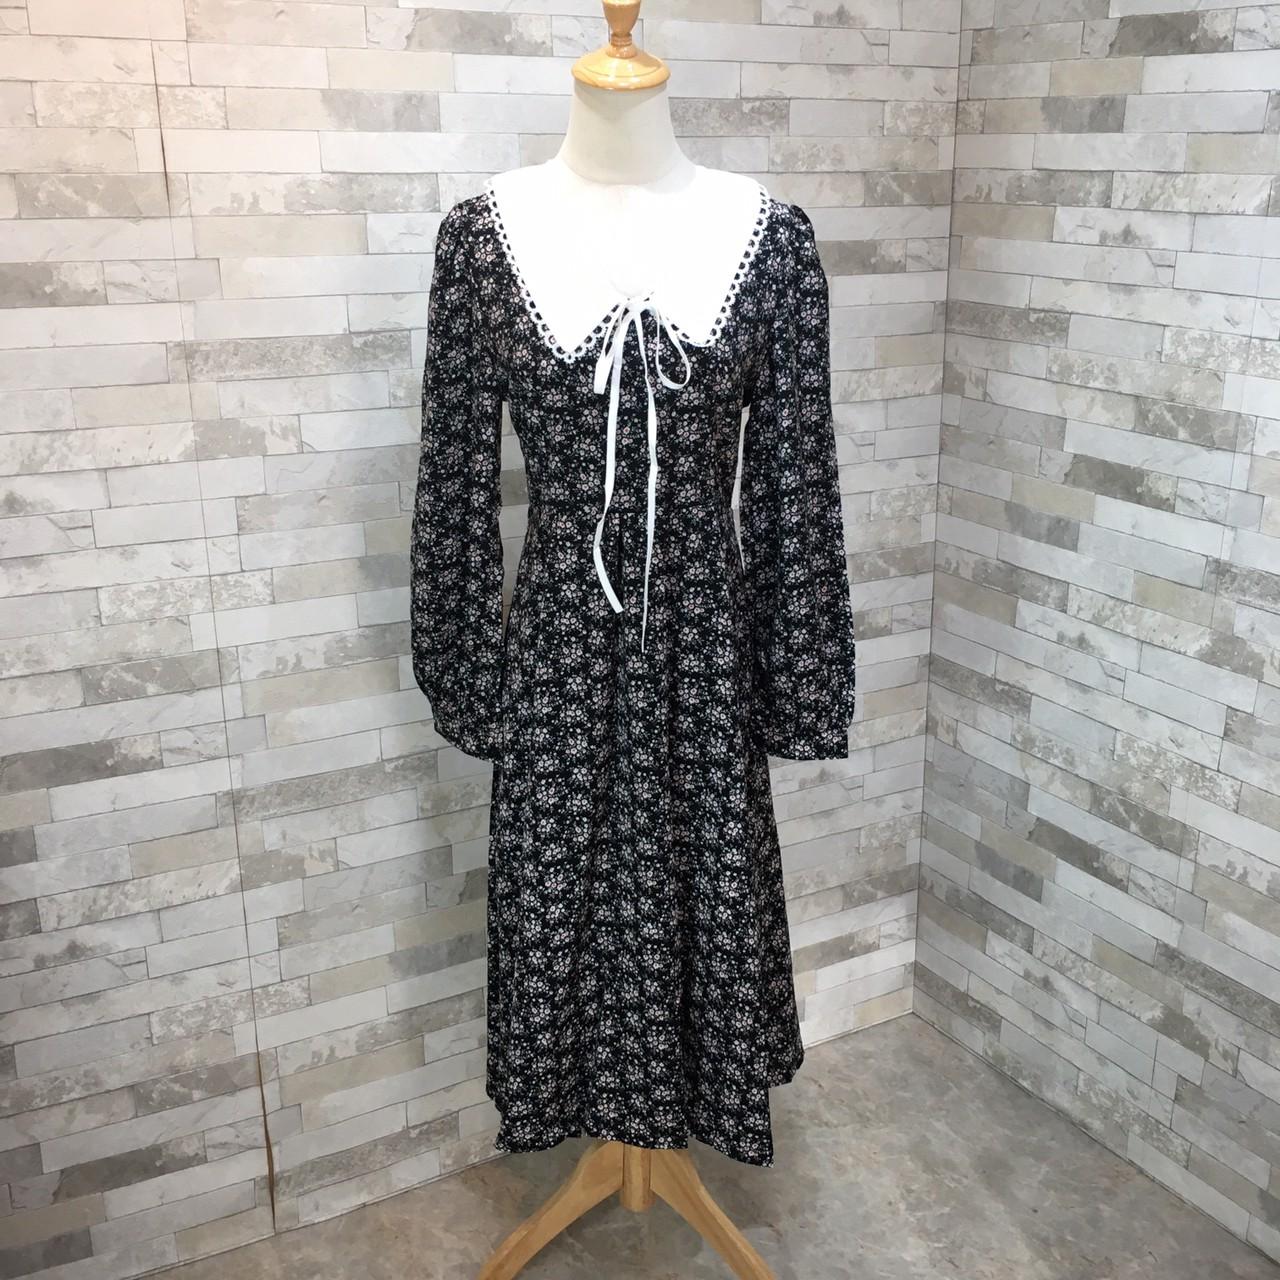 韓国 ファッション ワンピース 春 夏 秋 カジュアル PTXJ677  ティペット風 パフスリーブ ゆったり Aライン オルチャン シンプル 定番 セレカジの写真12枚目